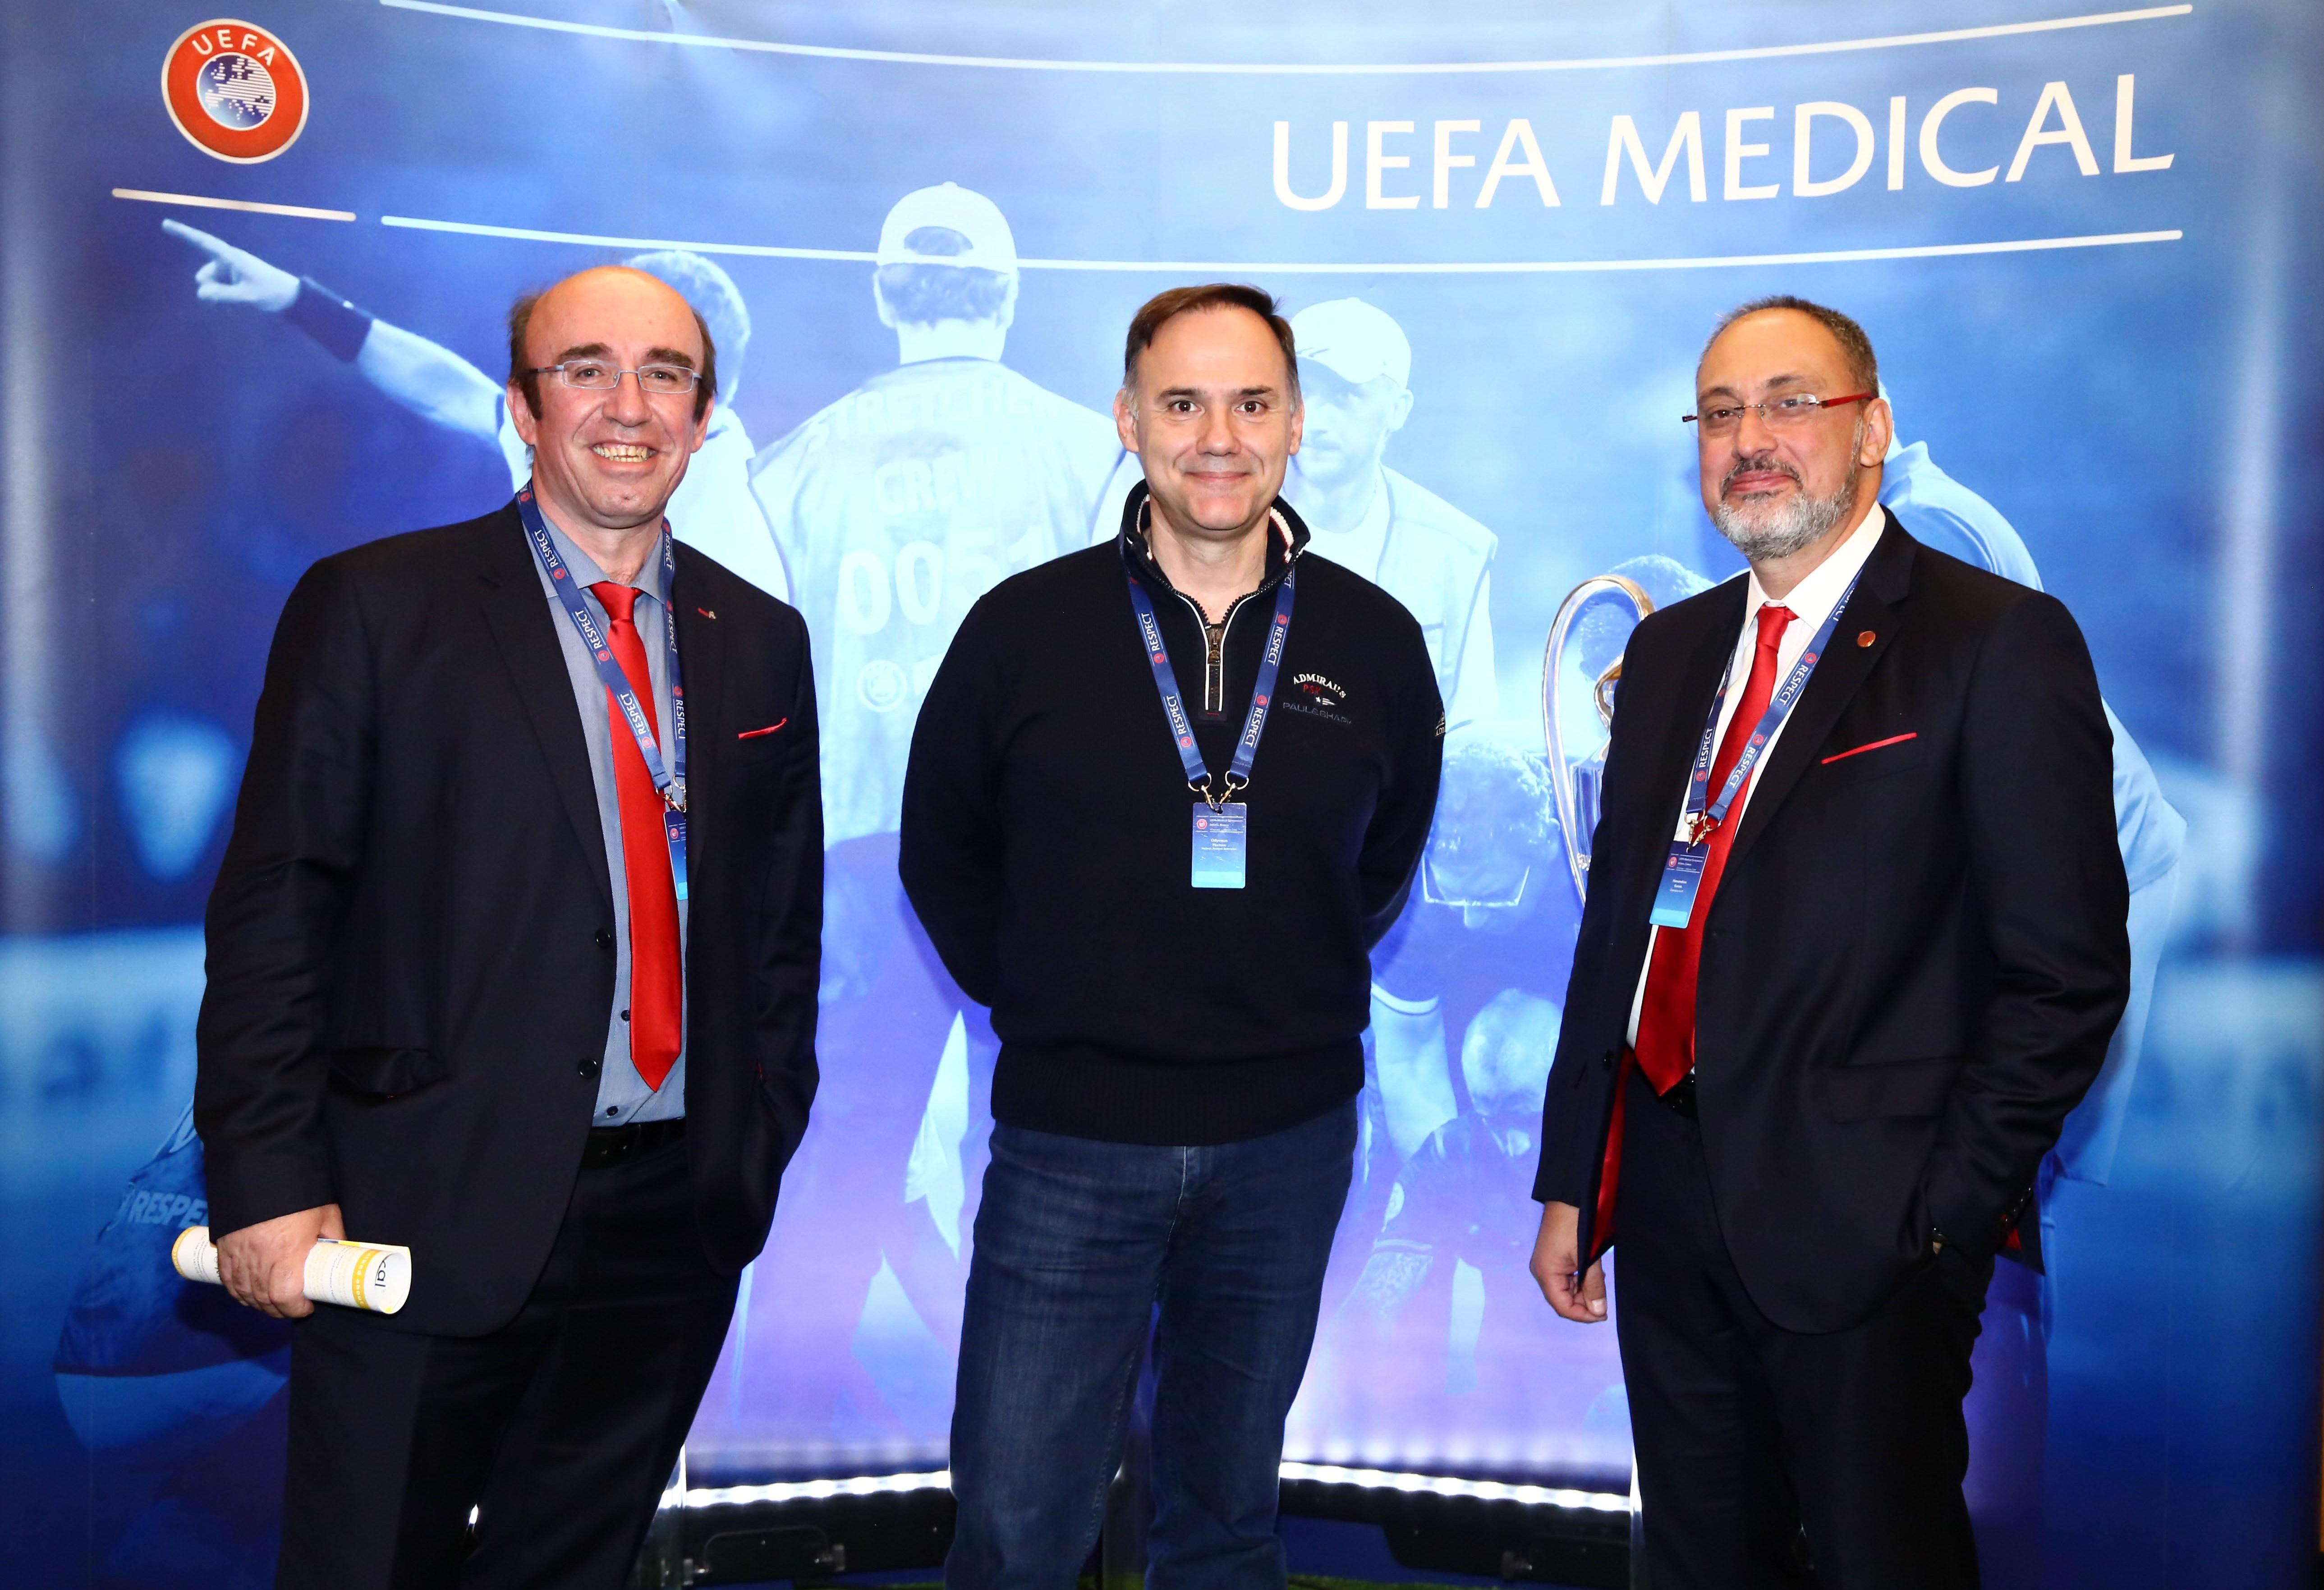 Ο Ολυμπιακός στο 7ο Ιατρικό Συνέδριο της UEFA